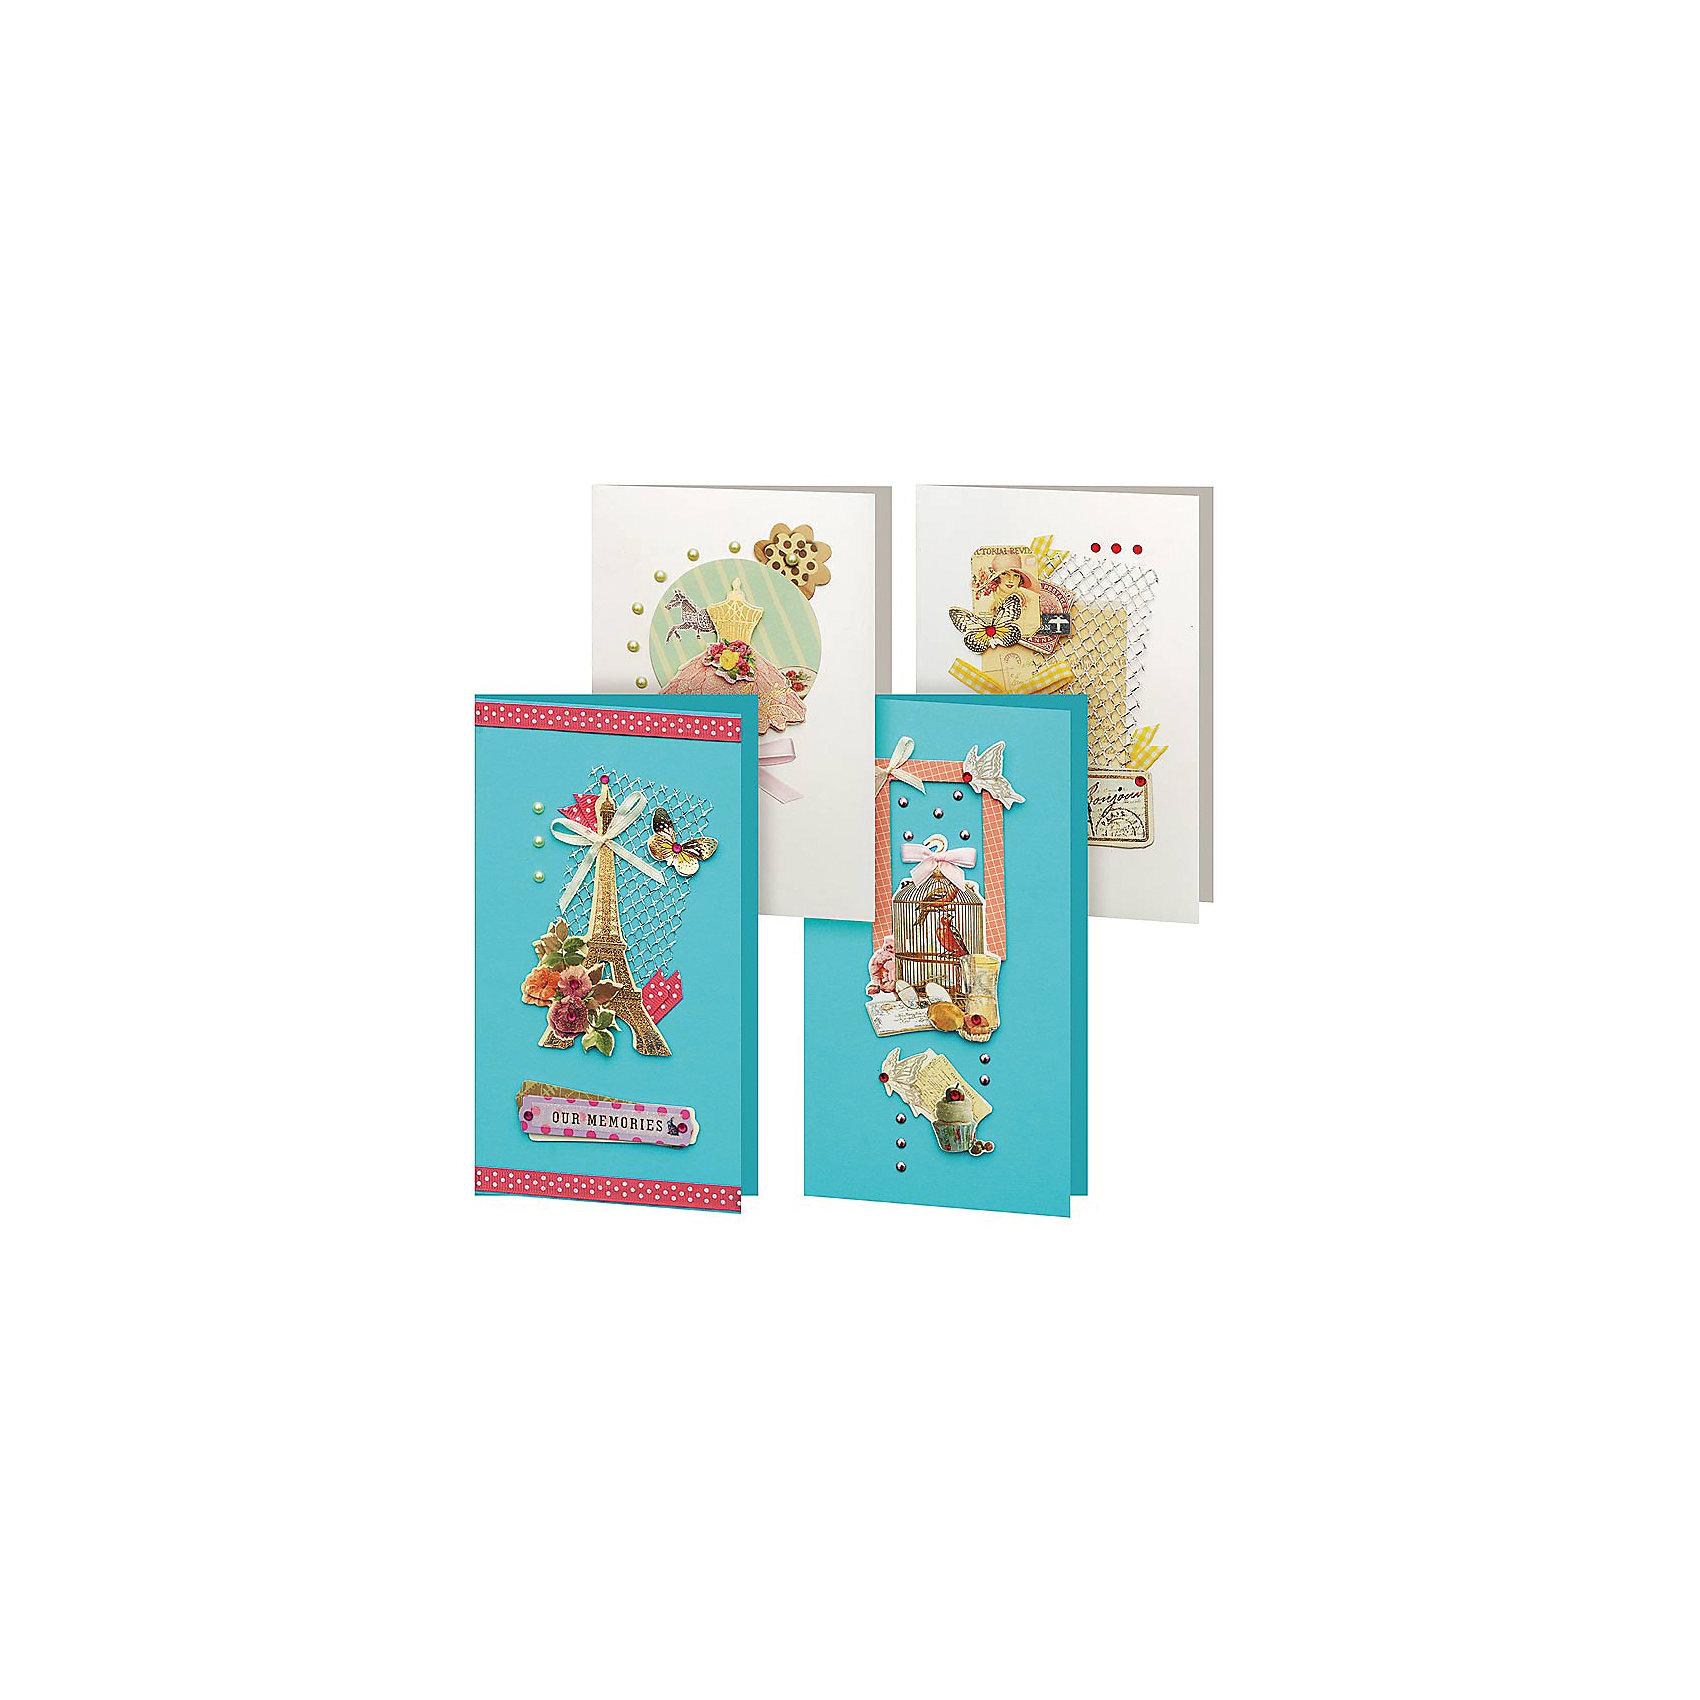 Скрапбукинг-набор для создания 4-х открыток ГрацияСкрапбукинг-набор для создания 4-х открыток Грация, Белоснежка.<br><br>Характеристики:<br><br>• содержит всё необходимое для создания открытки. <br>• в комплекте: 4 основы для открытки, 4 конверта, картон, клеевые подушечки, ленты, вырубка из бумаги, пайетки, стразы<br>• размер: 11,5х17 см<br><br>Набор Грация поможет вам создать красивейшие открытки своими руками. В наборе вы найдете всё самое необходимое: основы для открыток, конверт и декоративные элементы. Создайте прекрасный подарок своими руками!<br><br>Скрапбукинг-набор для создания 4-х открыток Грация вы можете купить в нашем интернет-магазине.<br><br>Ширина мм: 270<br>Глубина мм: 150<br>Высота мм: 60<br>Вес г: 194<br>Возраст от месяцев: 72<br>Возраст до месяцев: 144<br>Пол: Женский<br>Возраст: Детский<br>SKU: 5089620